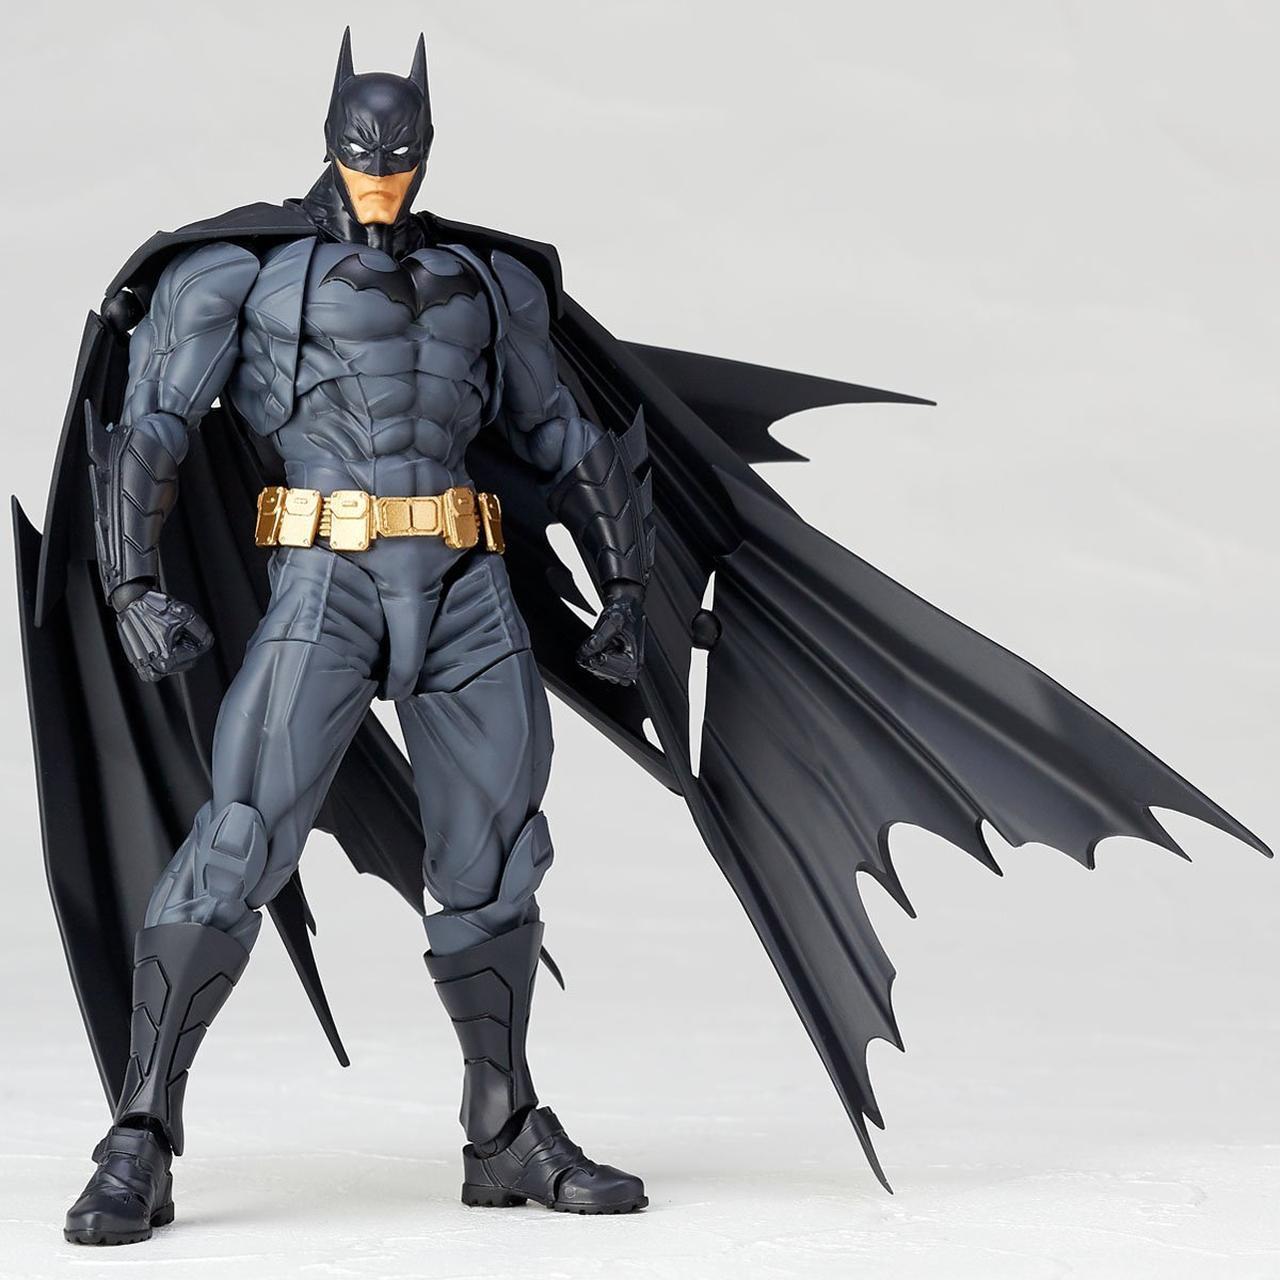 画像4: フィギュアコンプレックス アメイジングヤマグチ powered by リボルテック 「BATMAN バットマン」